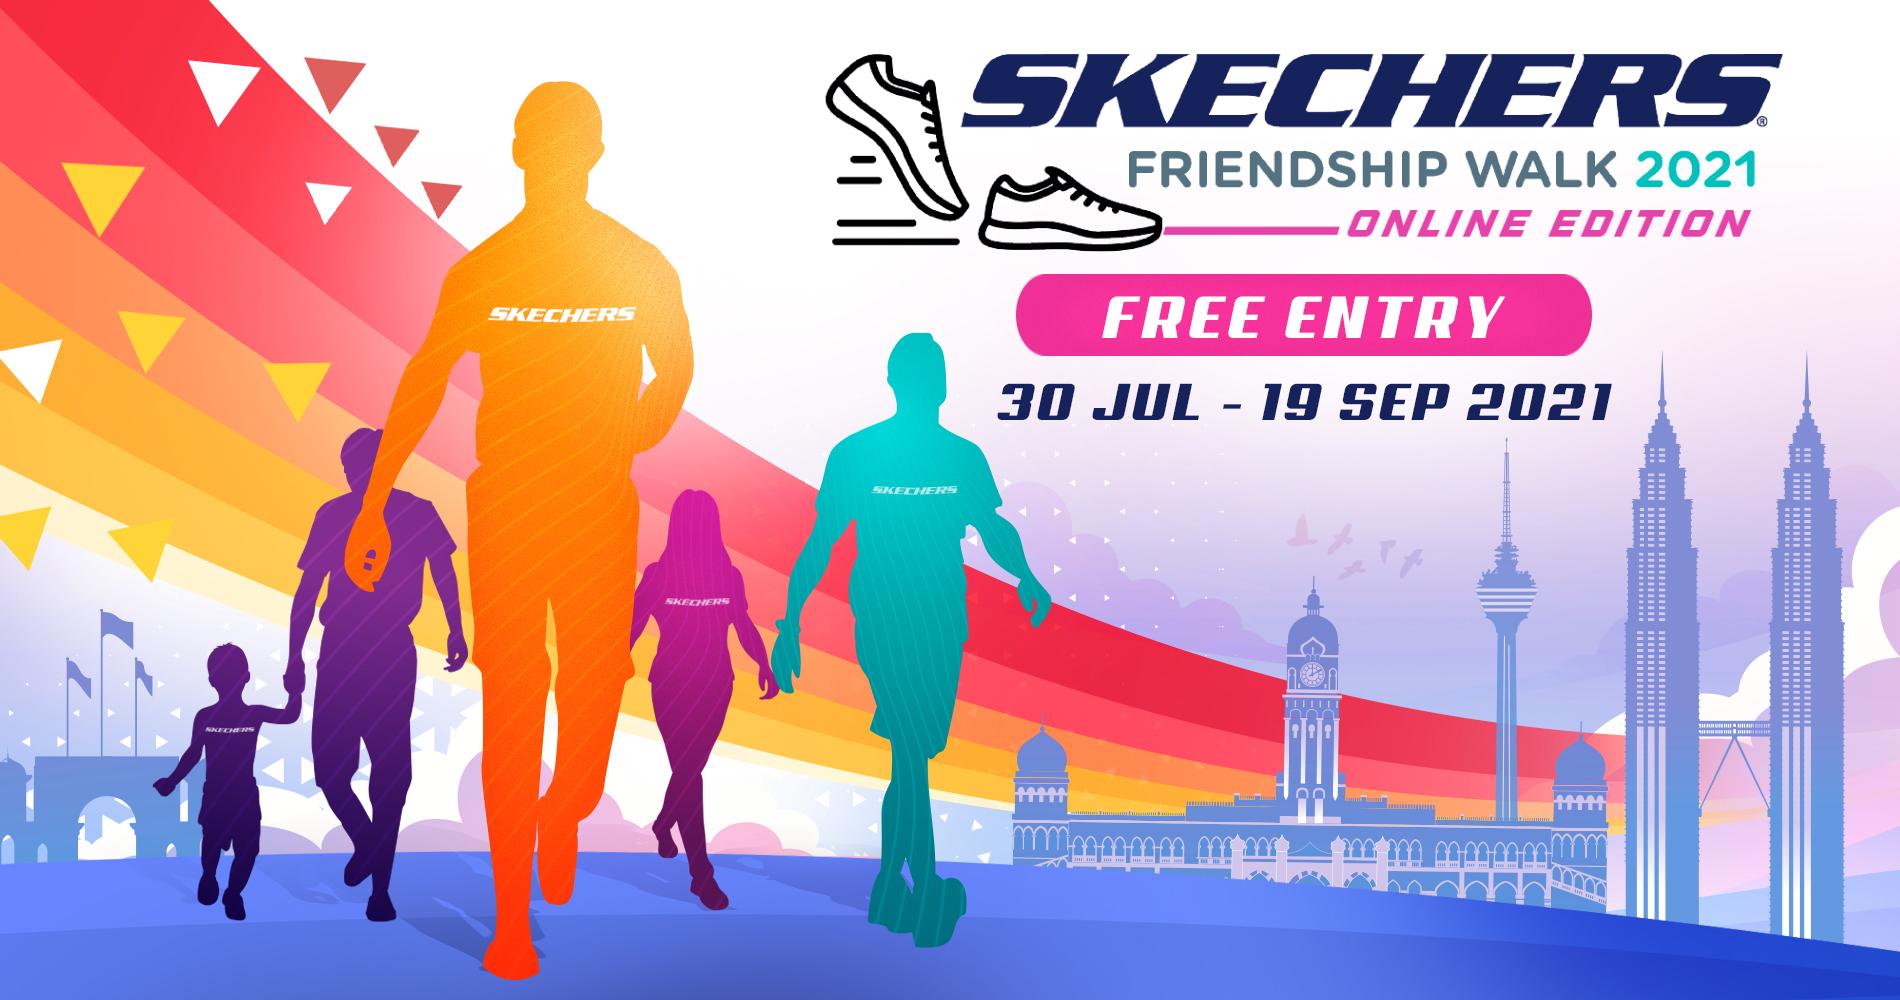 Skechers Friendship Walk 2021